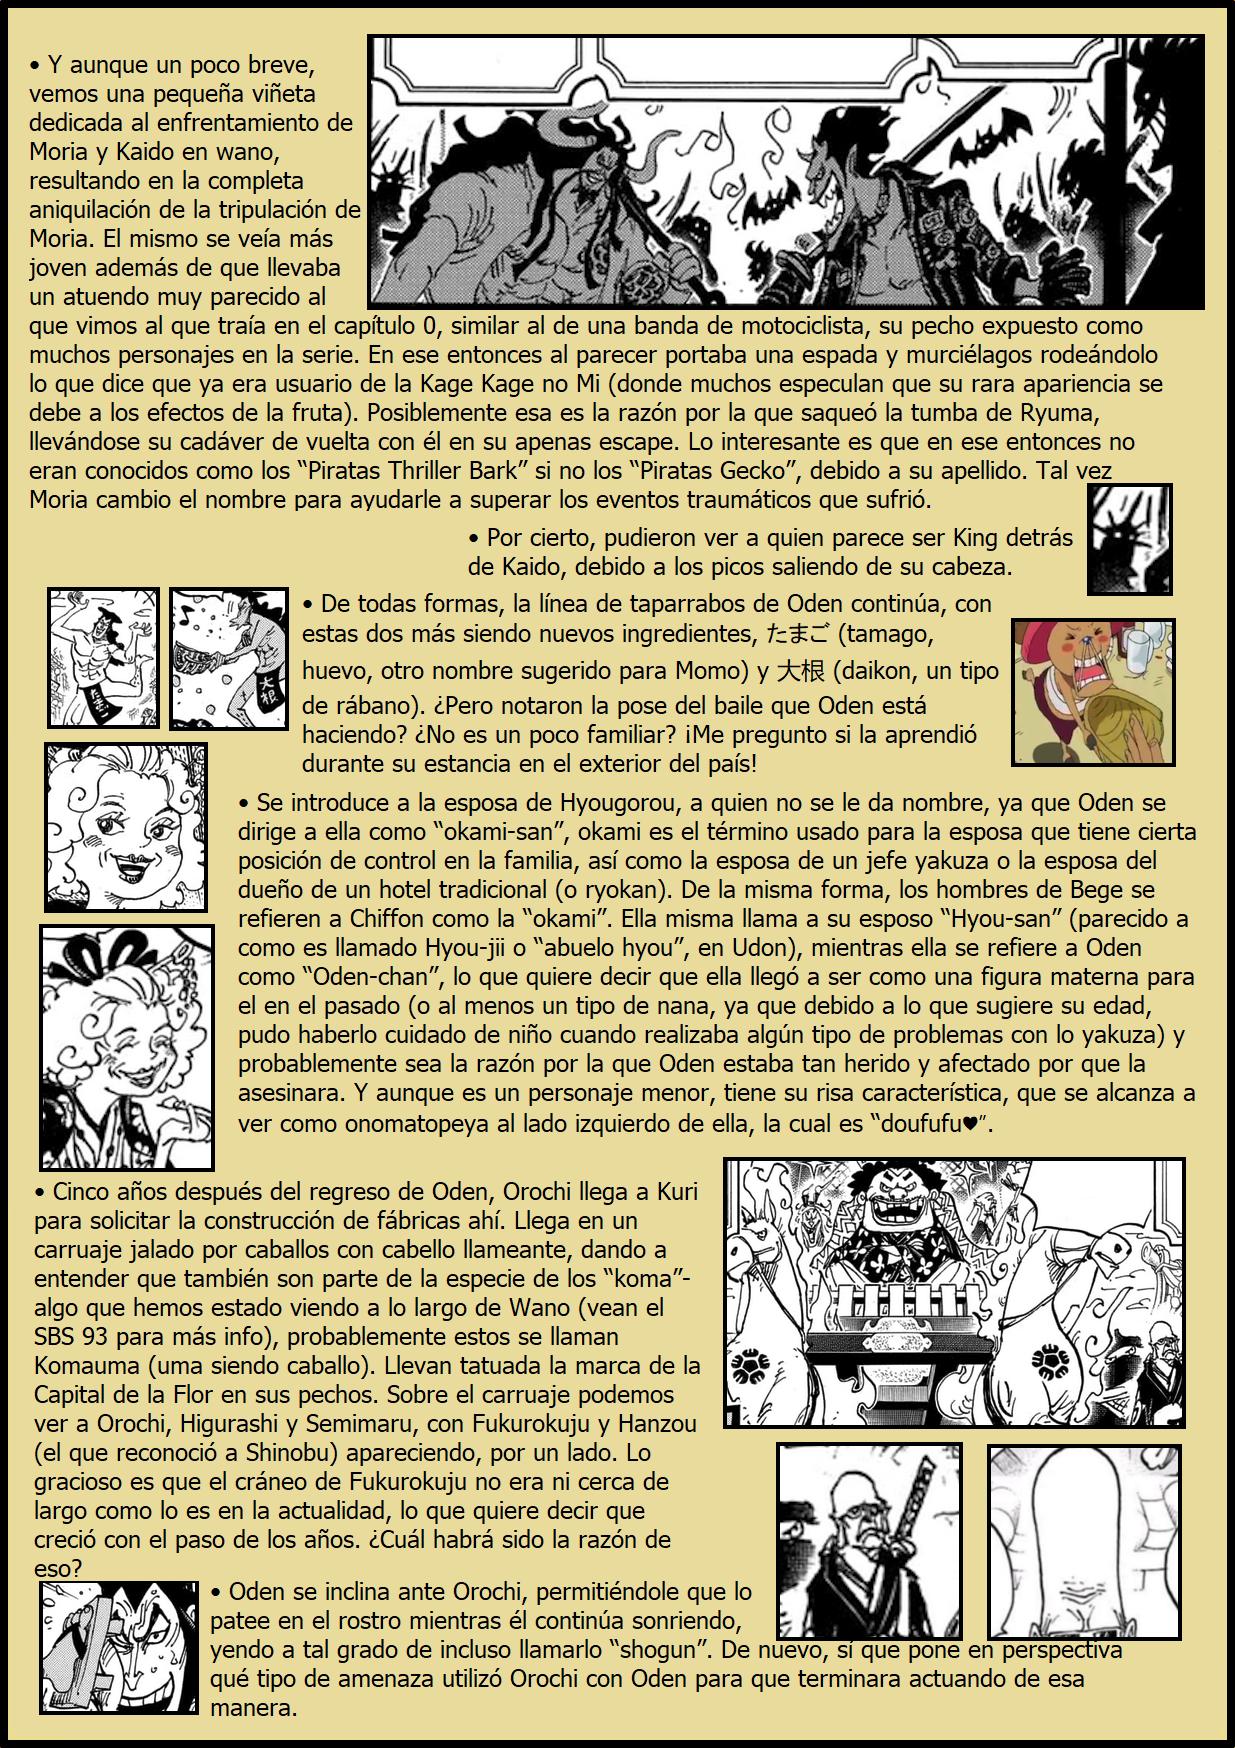 Secretos & Curiosidades - One Piece Manga 969 08